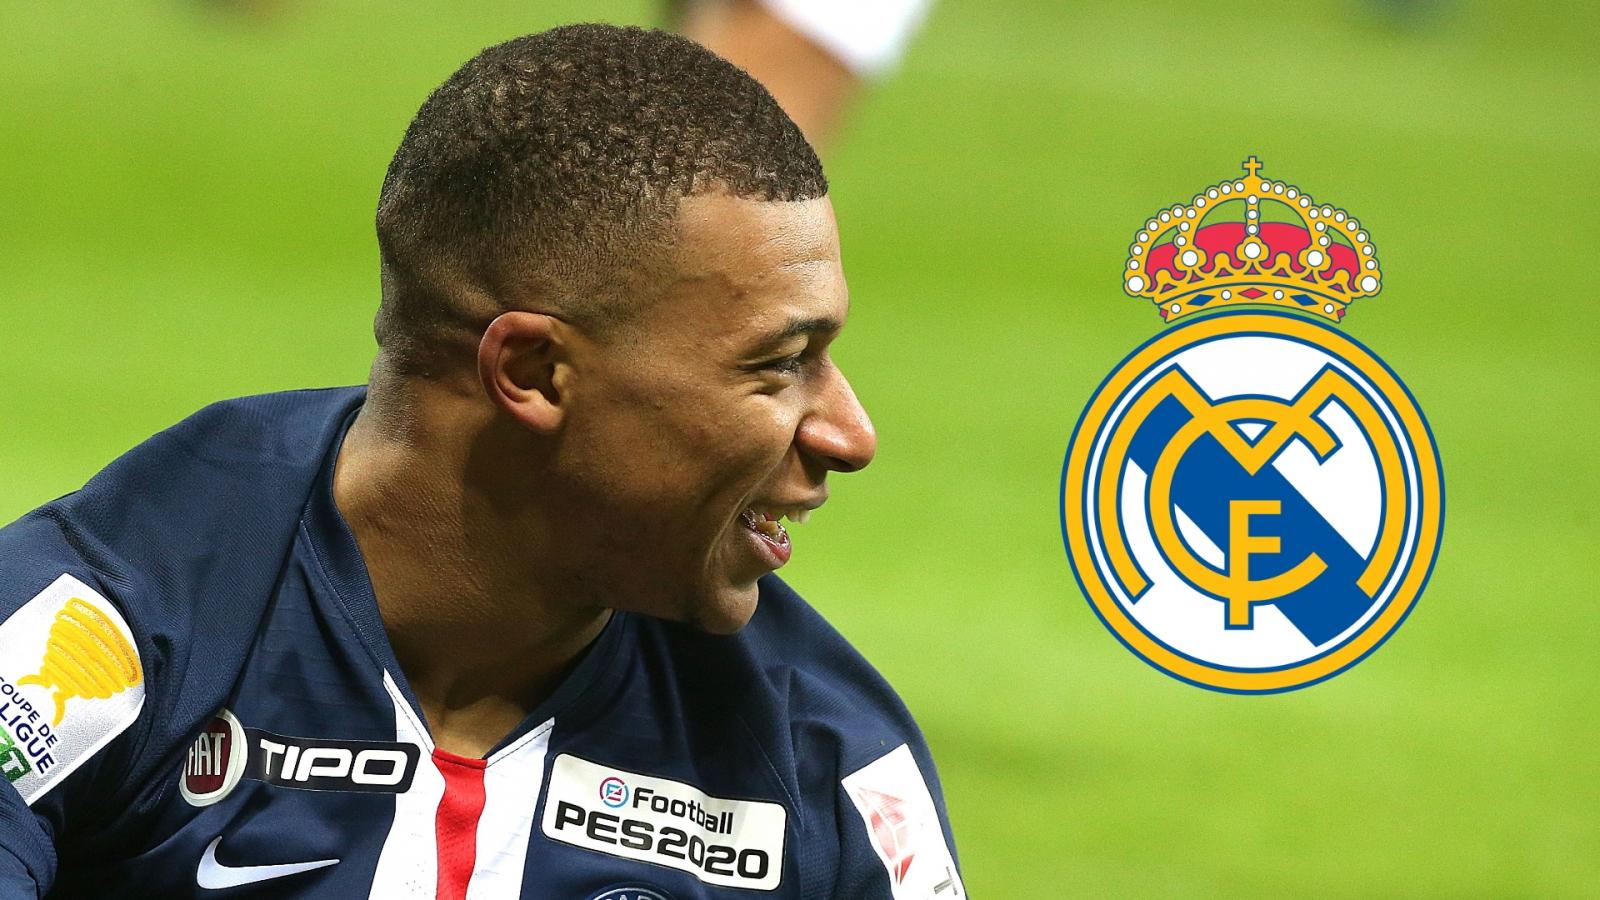 Chuyển nhượng 16/9: Real Madrid rộng cửa có Kylian Mbappe